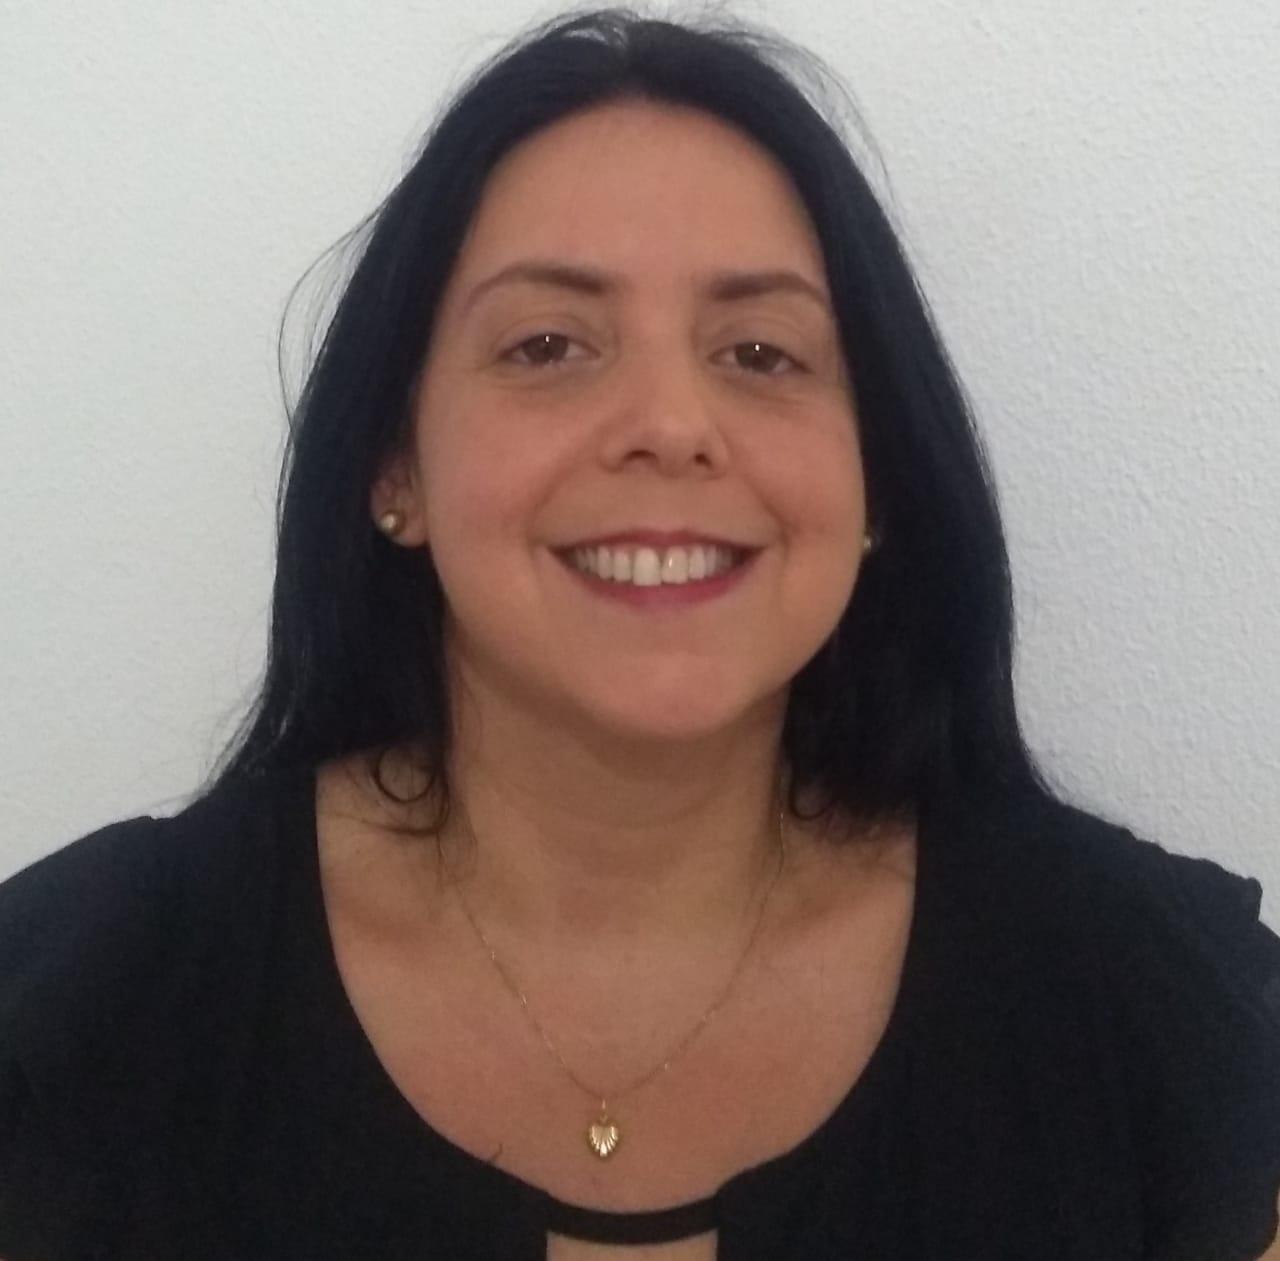 Danielle Cintra